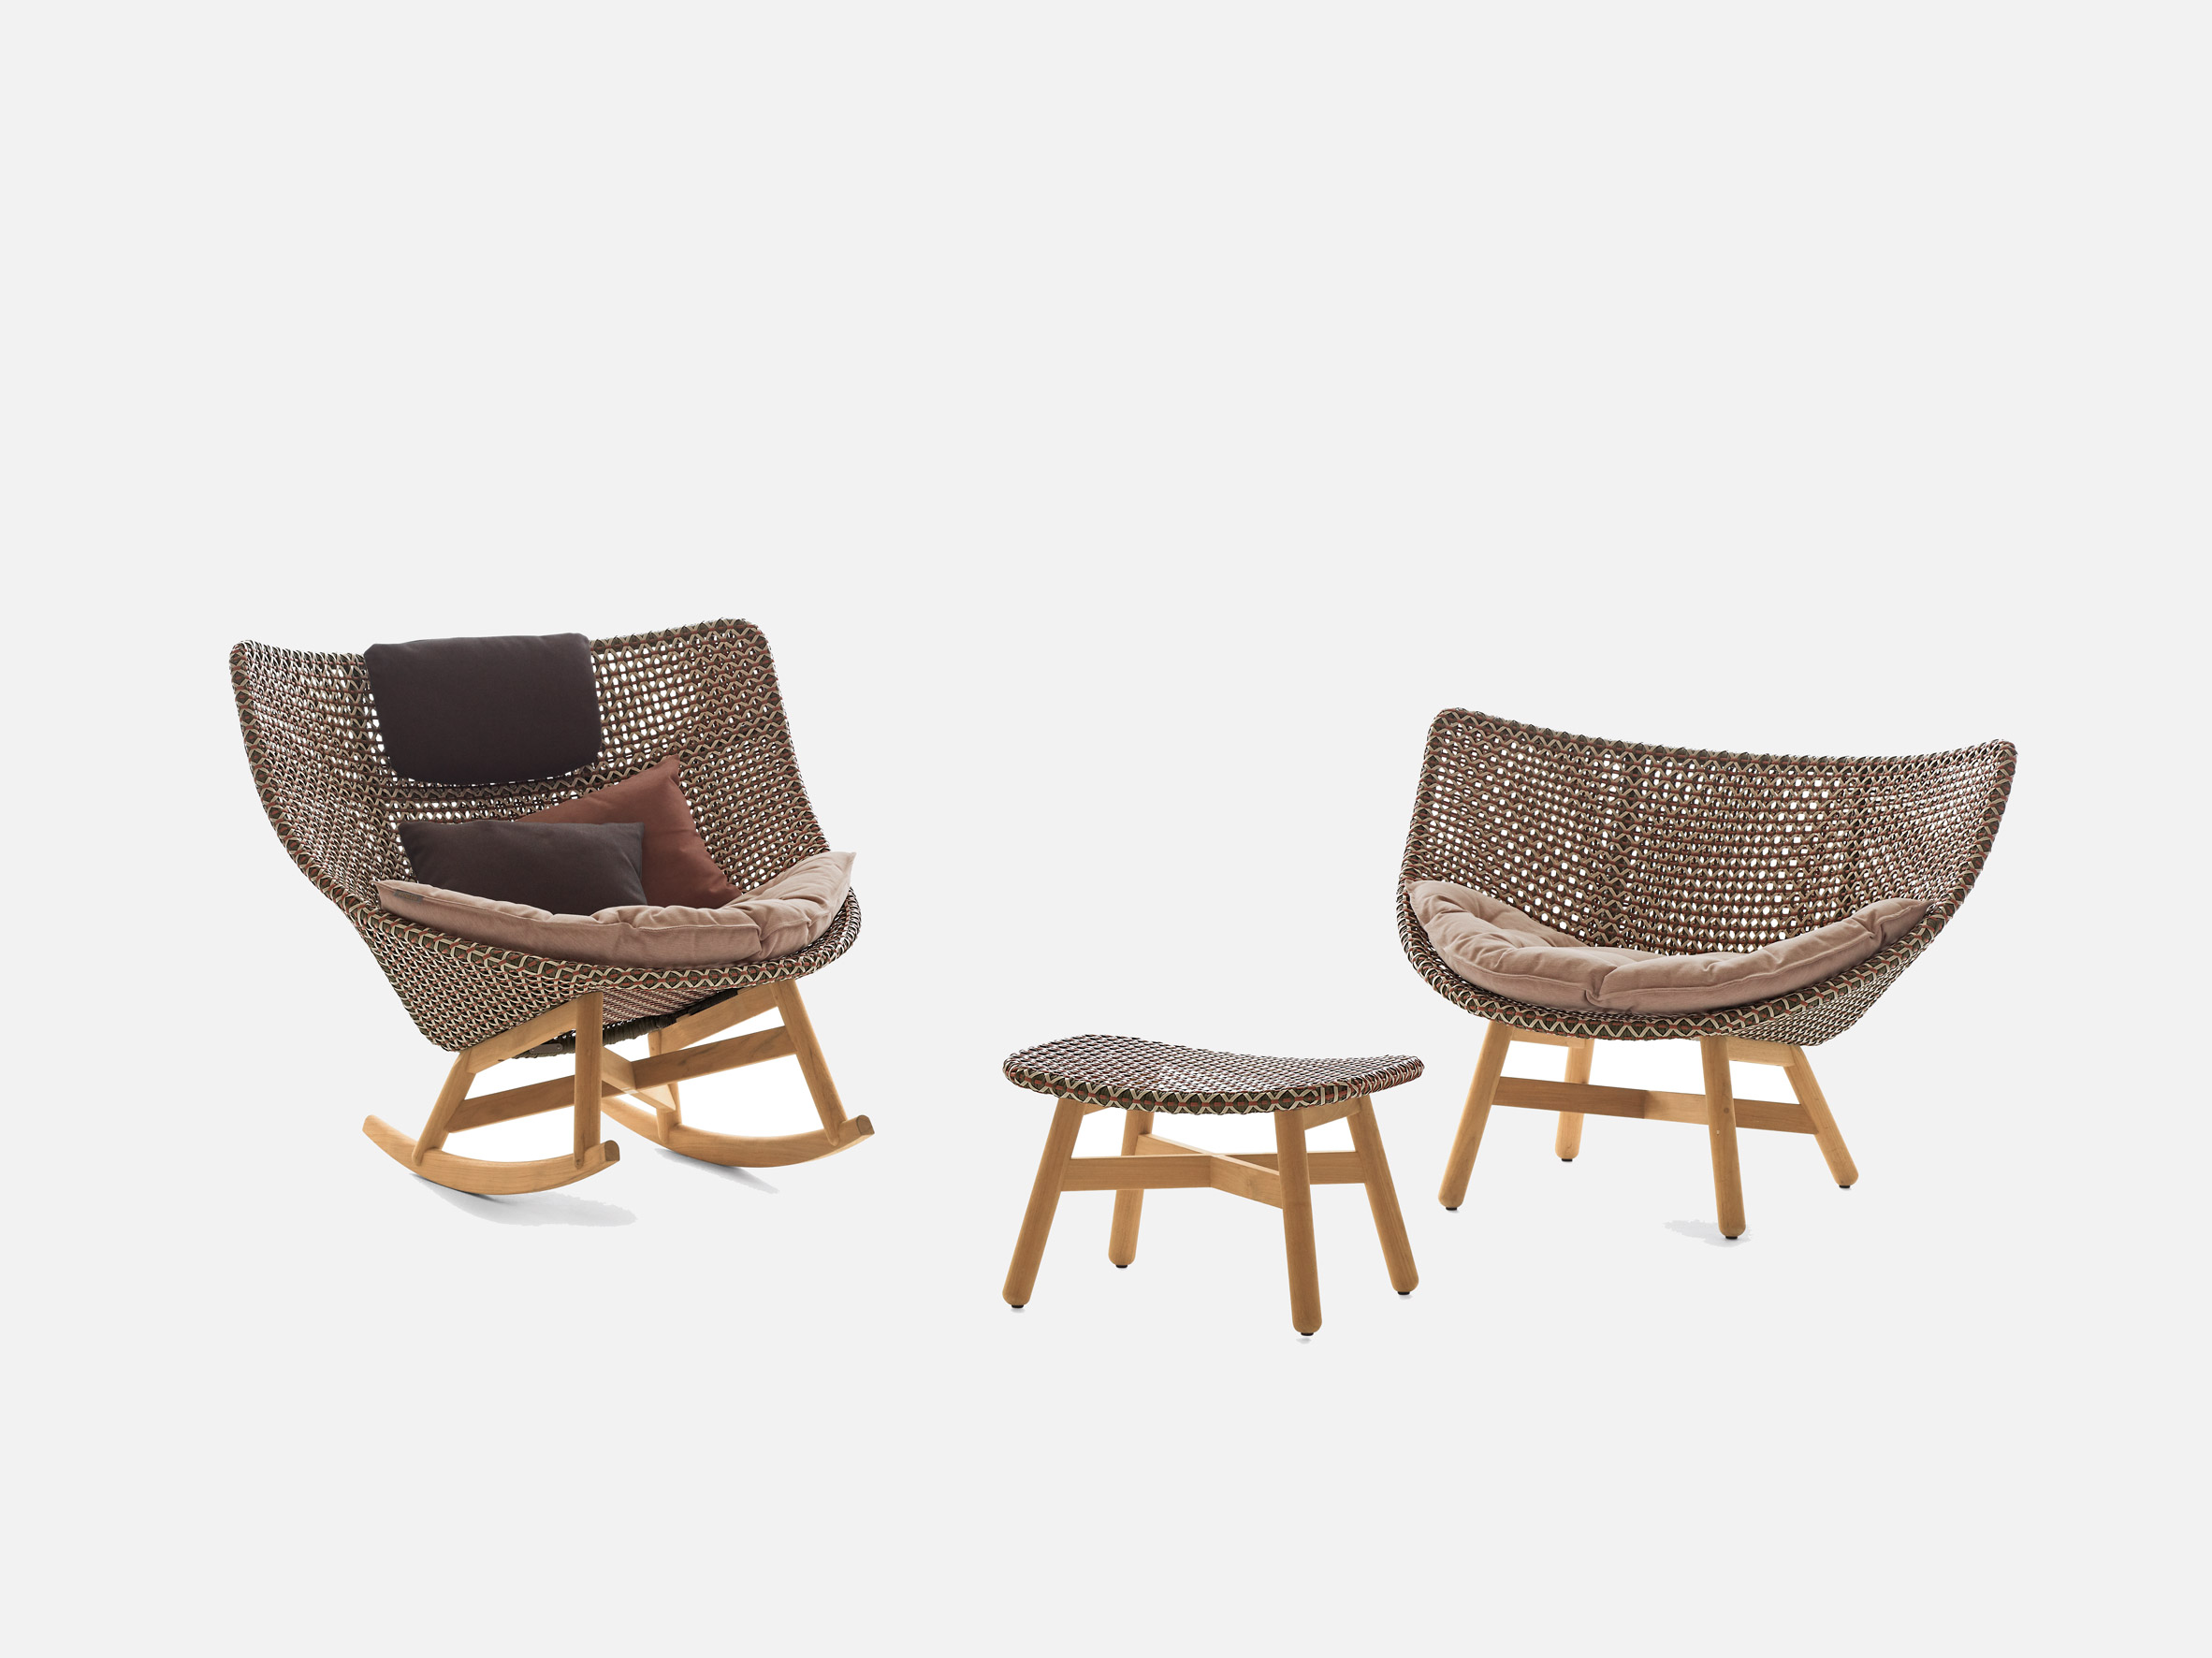 MBRACE chairs by Sebastian Herkner for Dedon